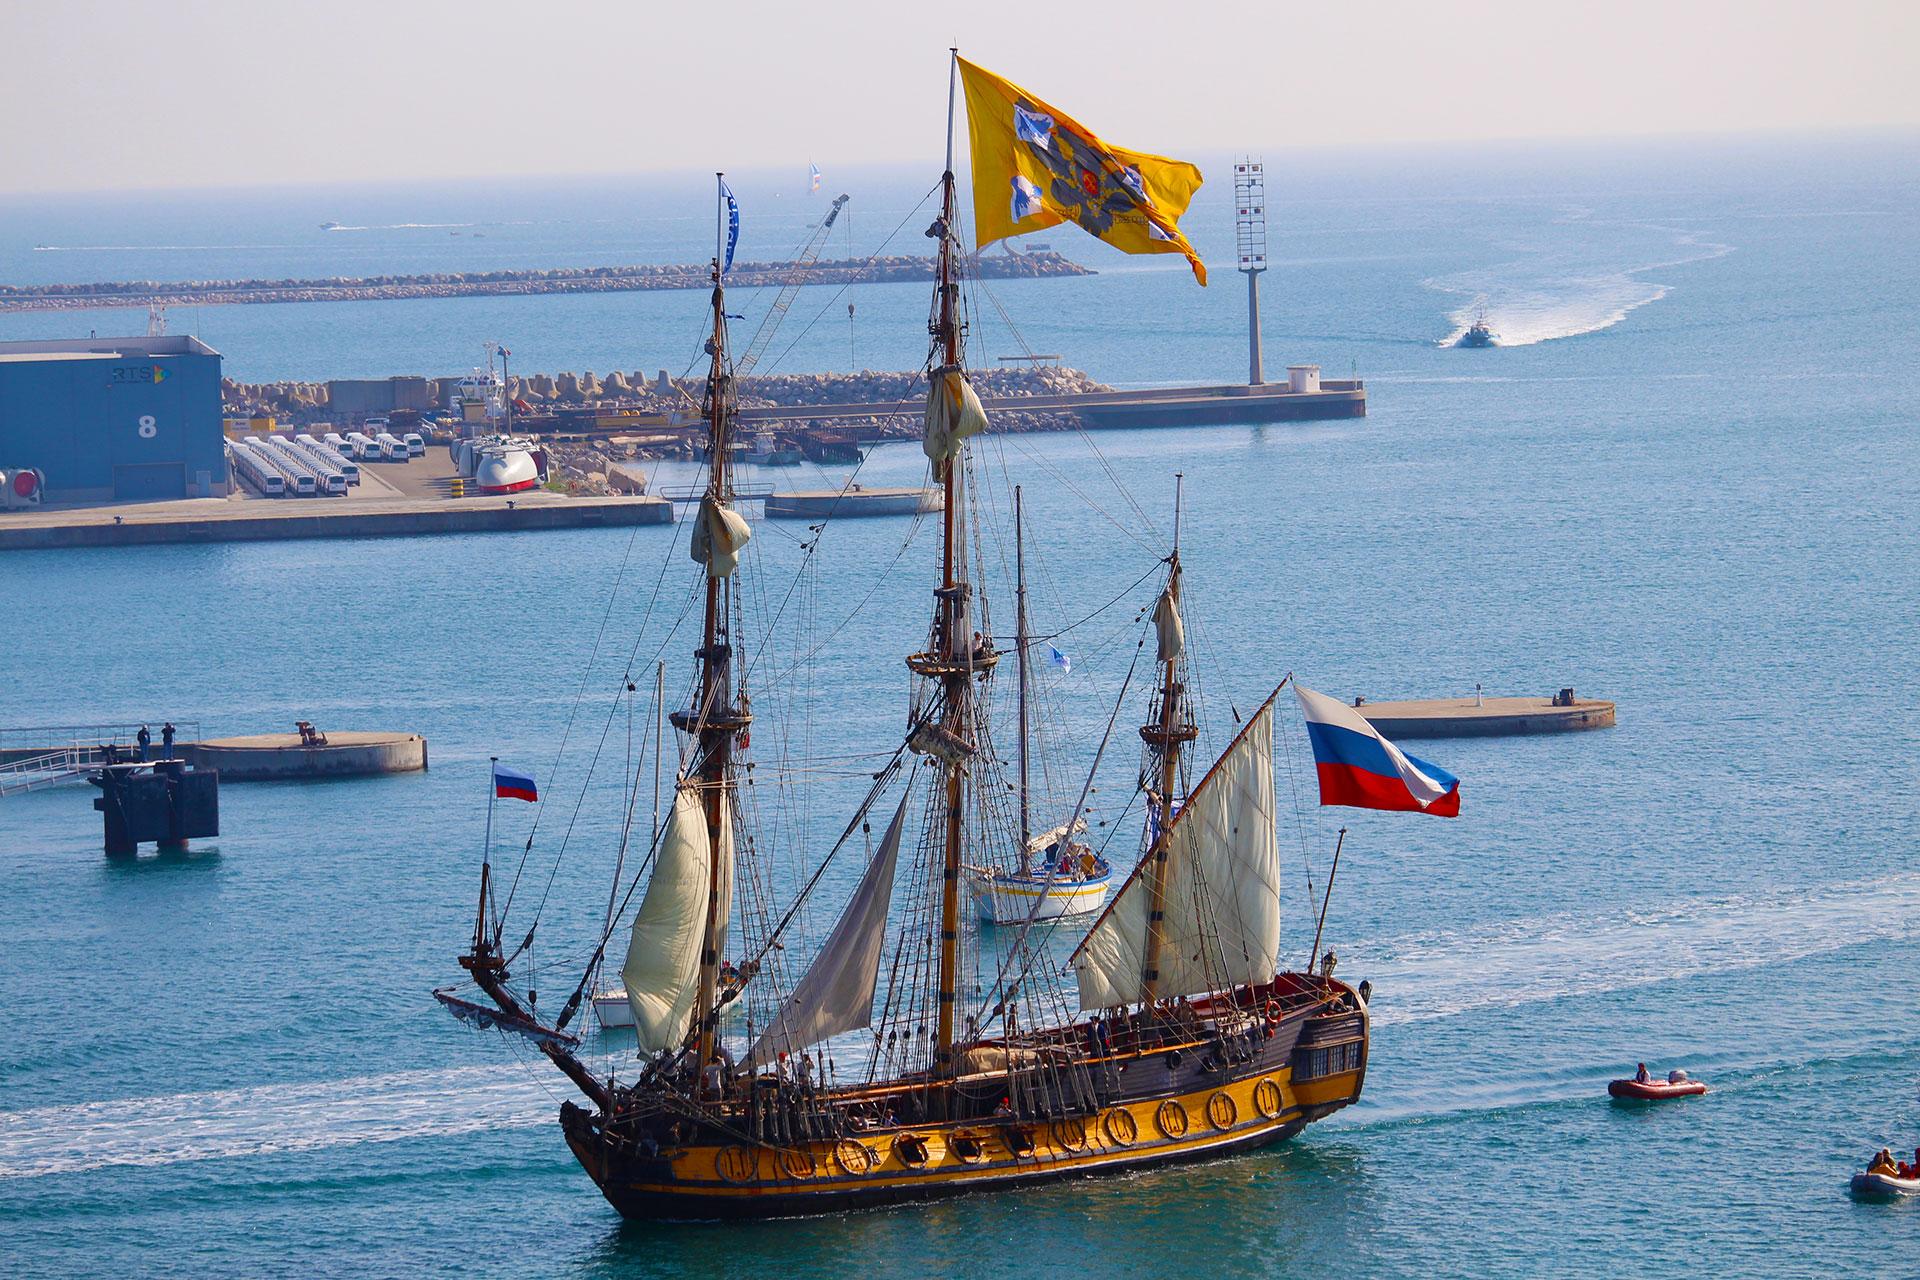 Beau et grand voilier dans le port de Sète dans le cadre d'Escale à Sète